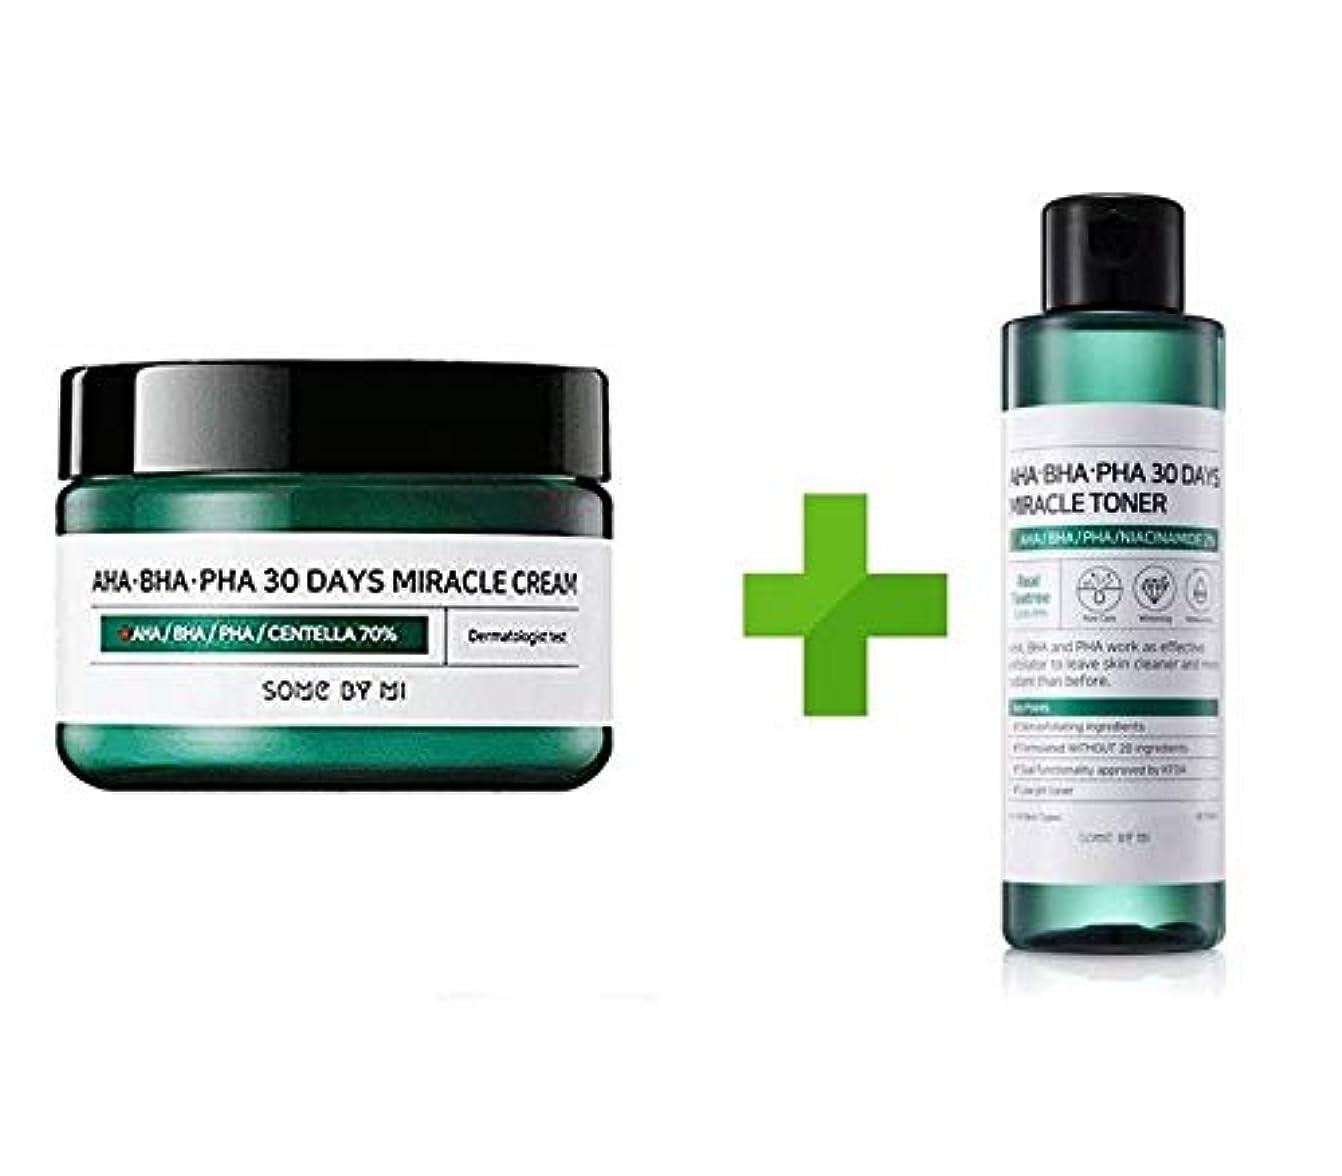 平和的キノコ基本的なSomebymi AHA BHA PHA Miracle Cream (50ml + Toner 150ml)Skin Barrier & Recovery, Soothing with Tea Tree 10,000ppm...